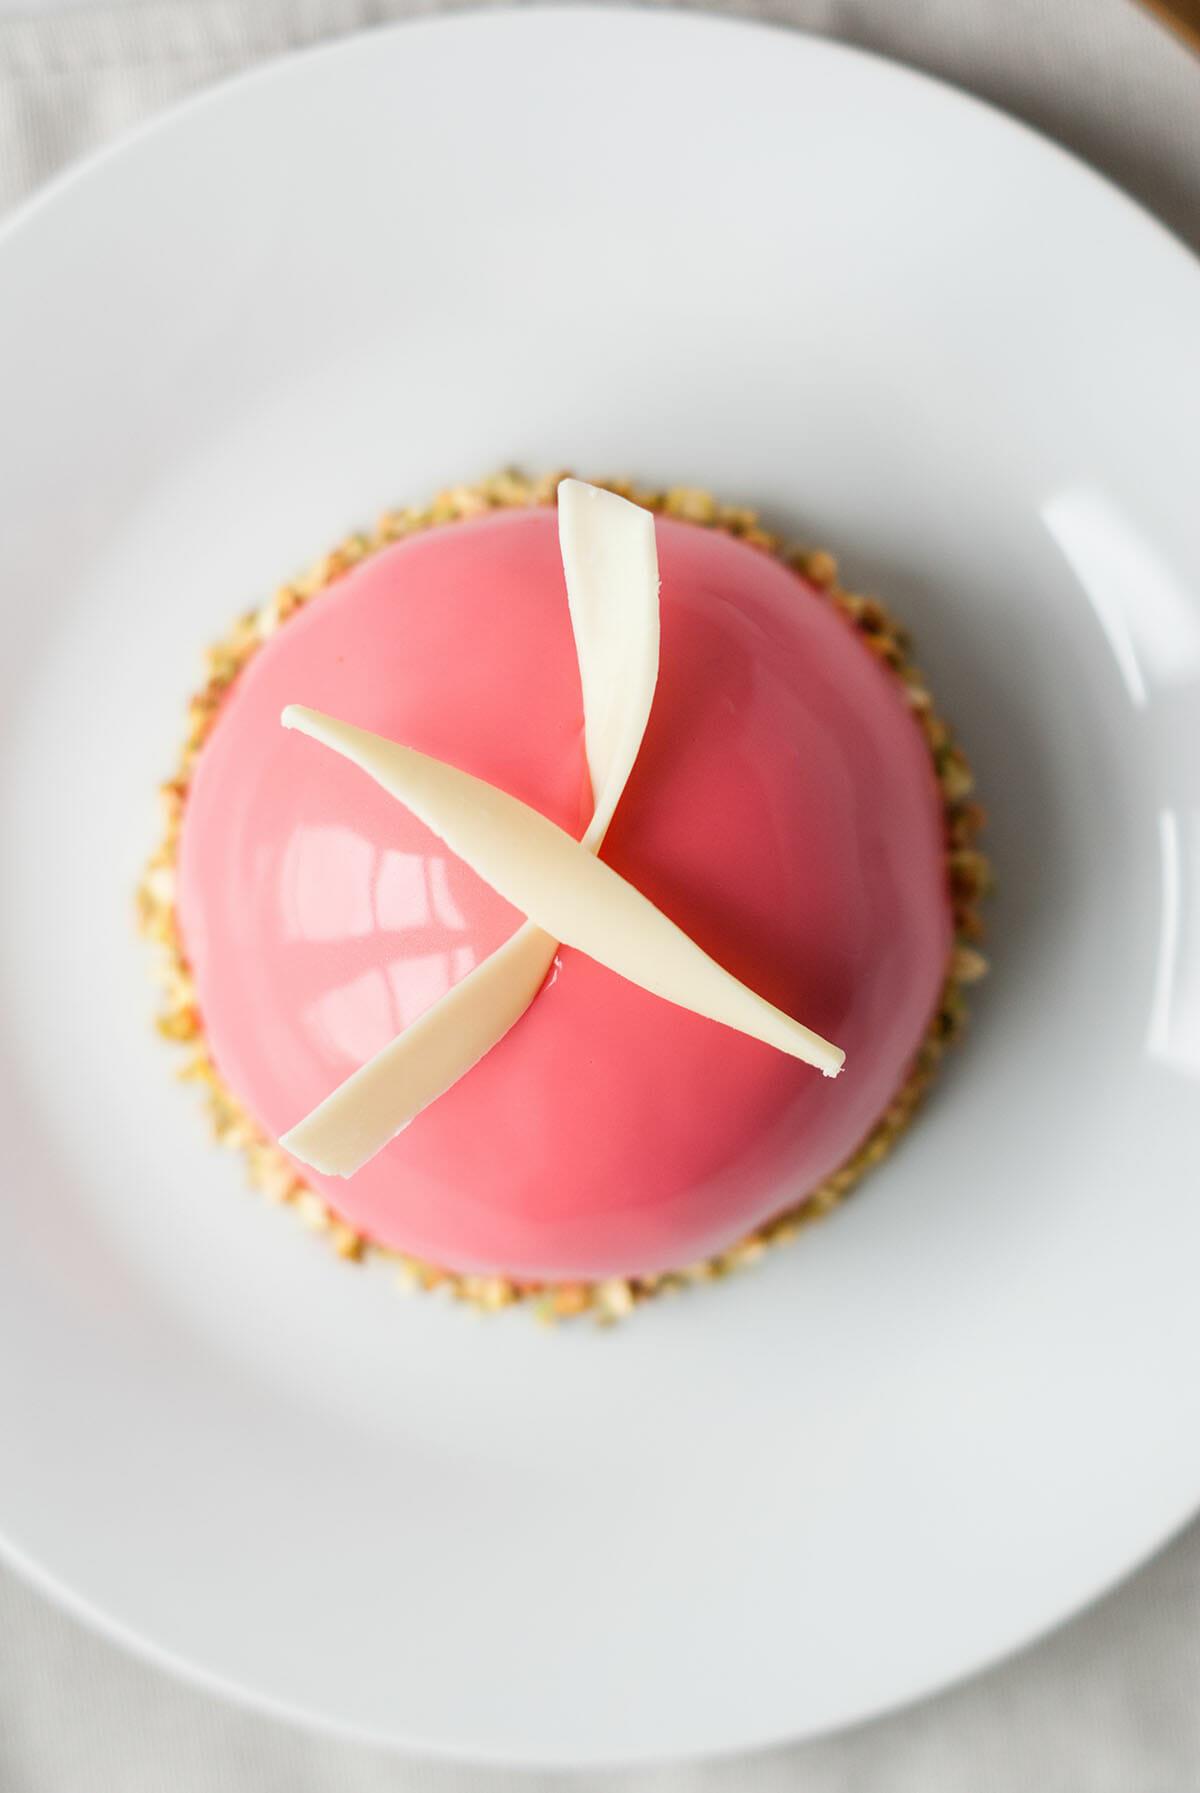 Dôme Entremets Framboise Pistache | Lilie Bakery